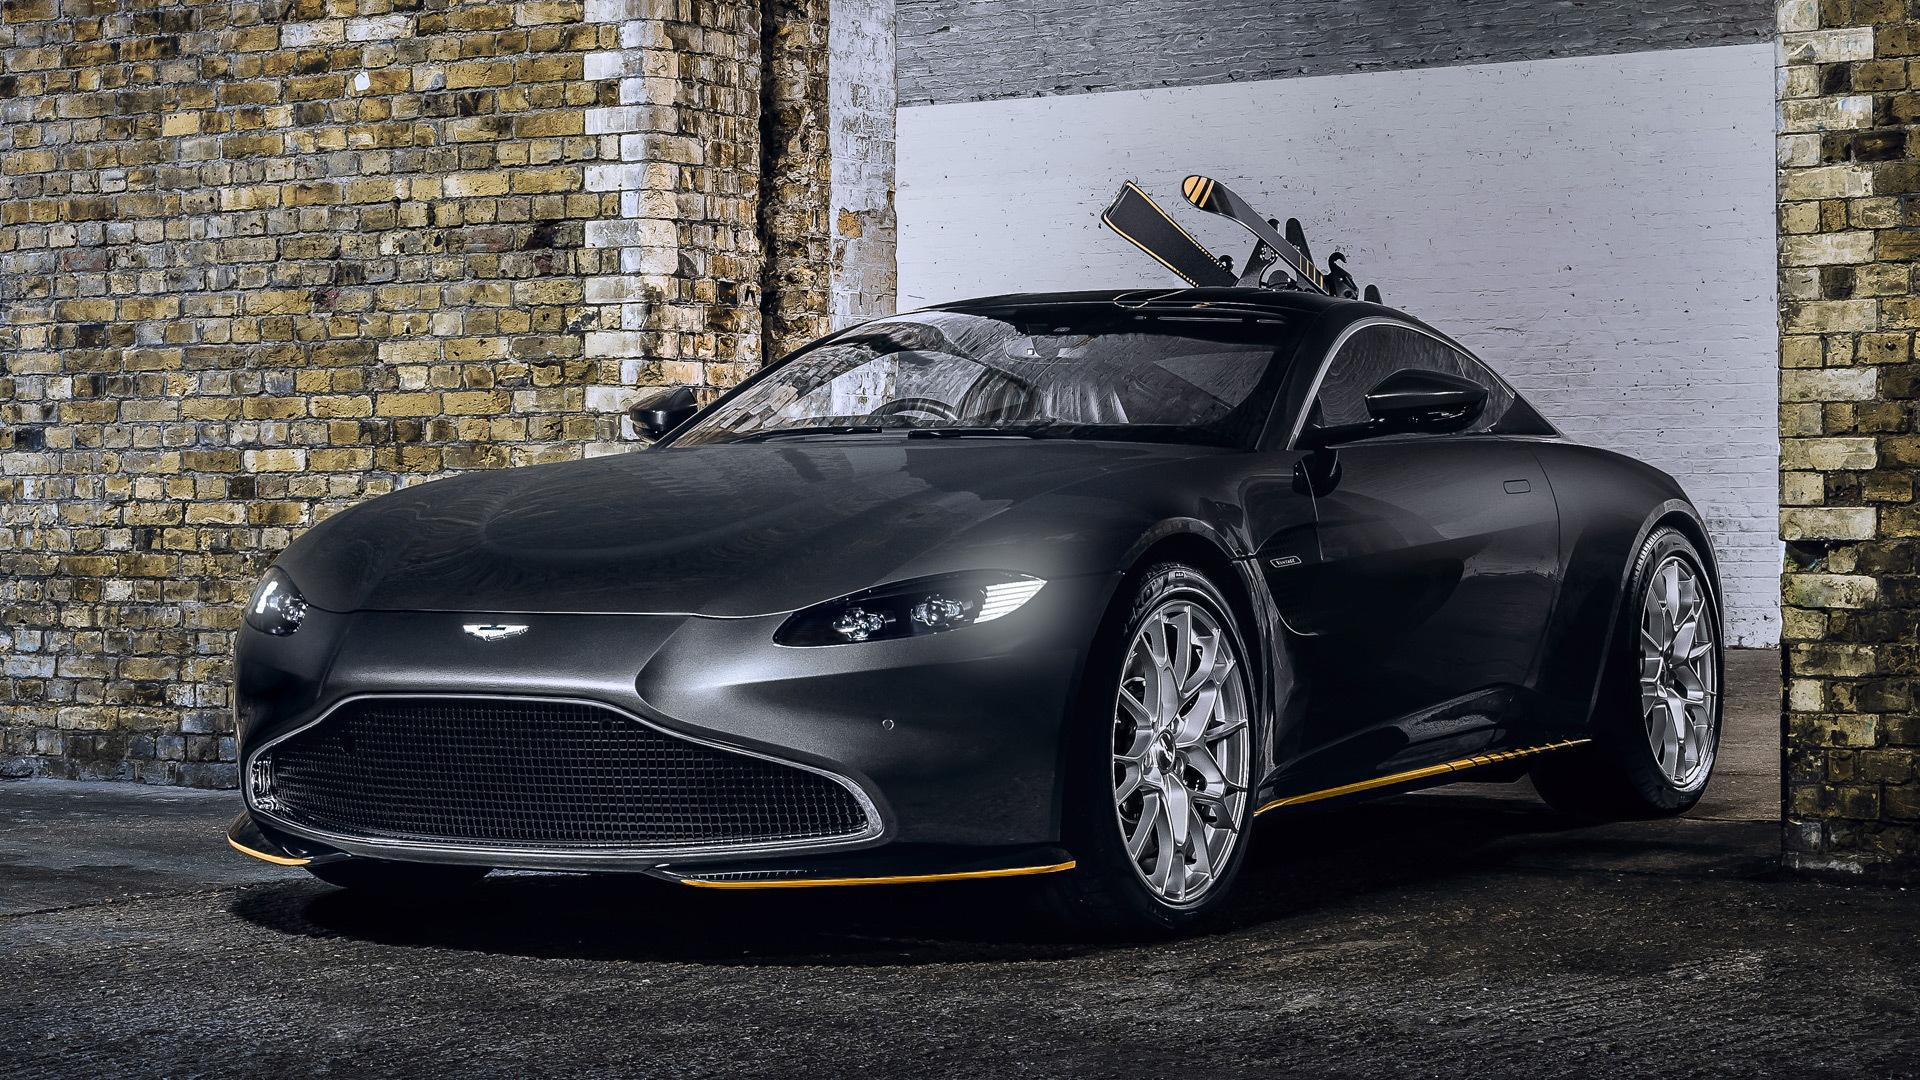 2021 Aston Martin Vantage 007 Edition